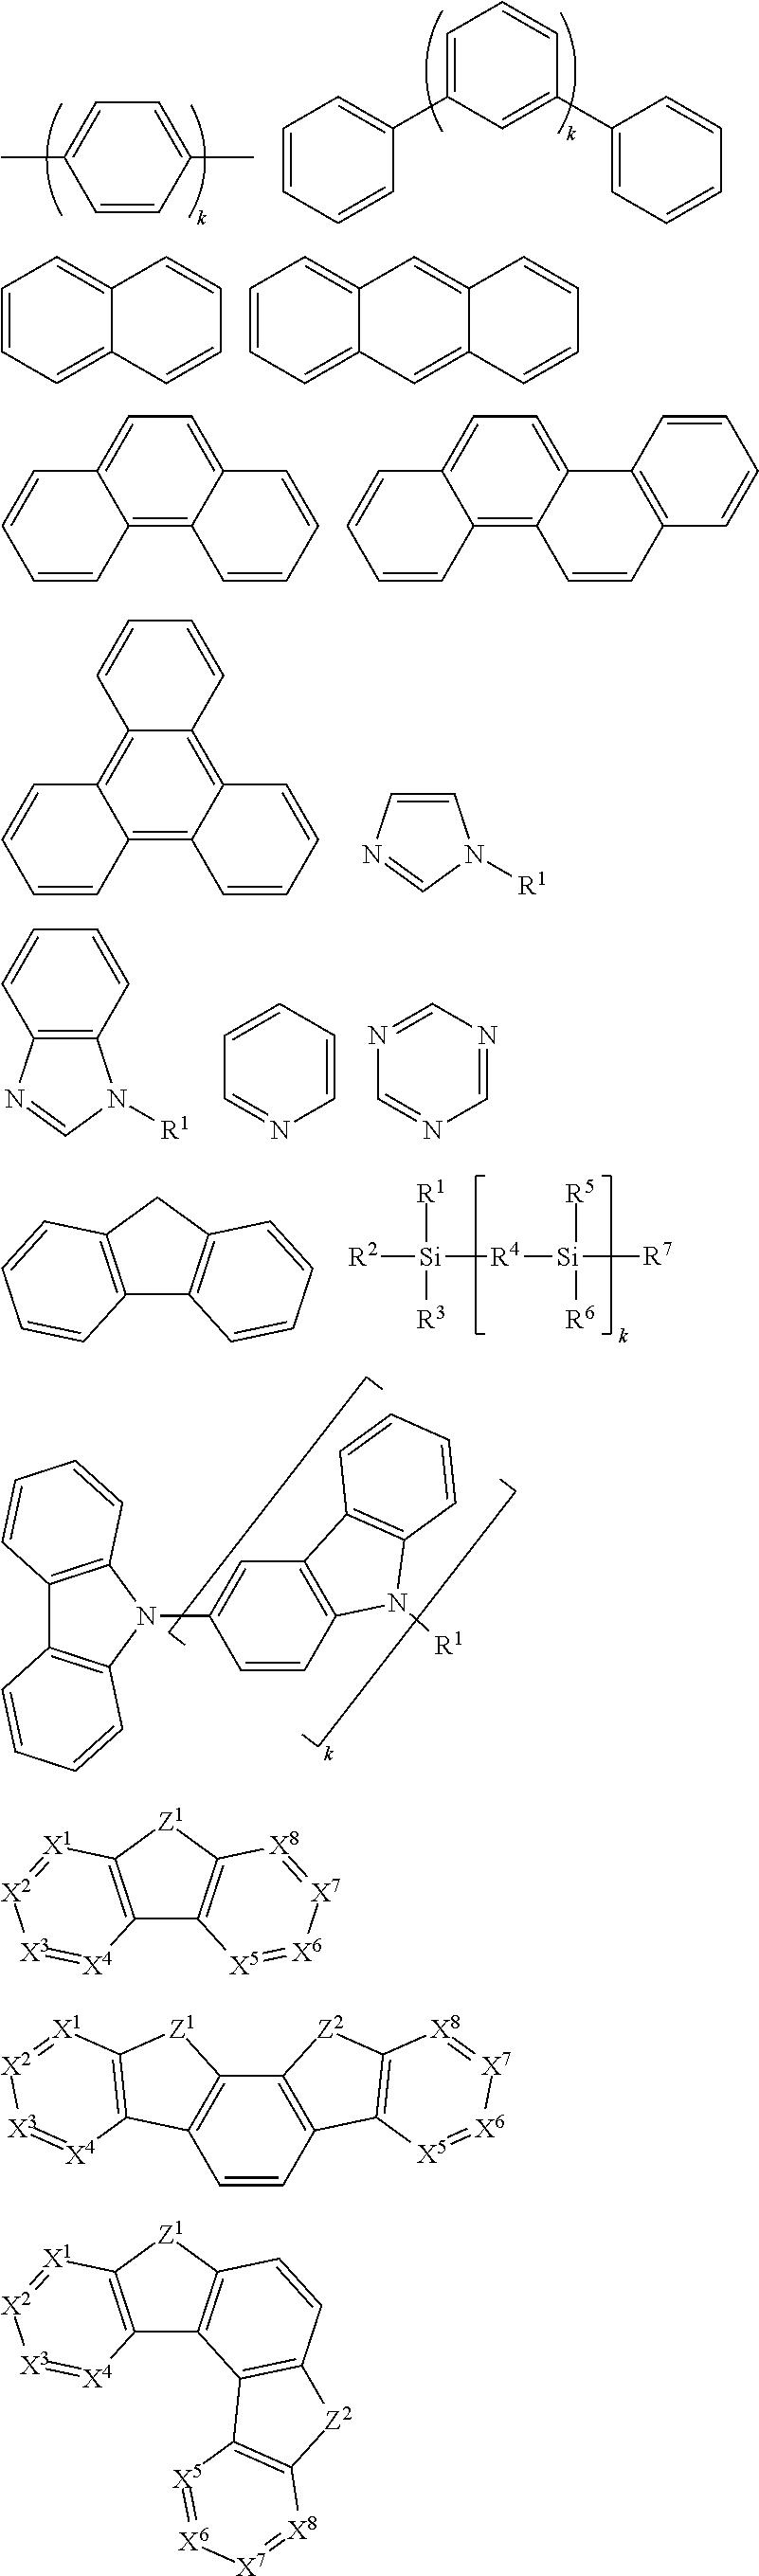 Figure US09725476-20170808-C00037